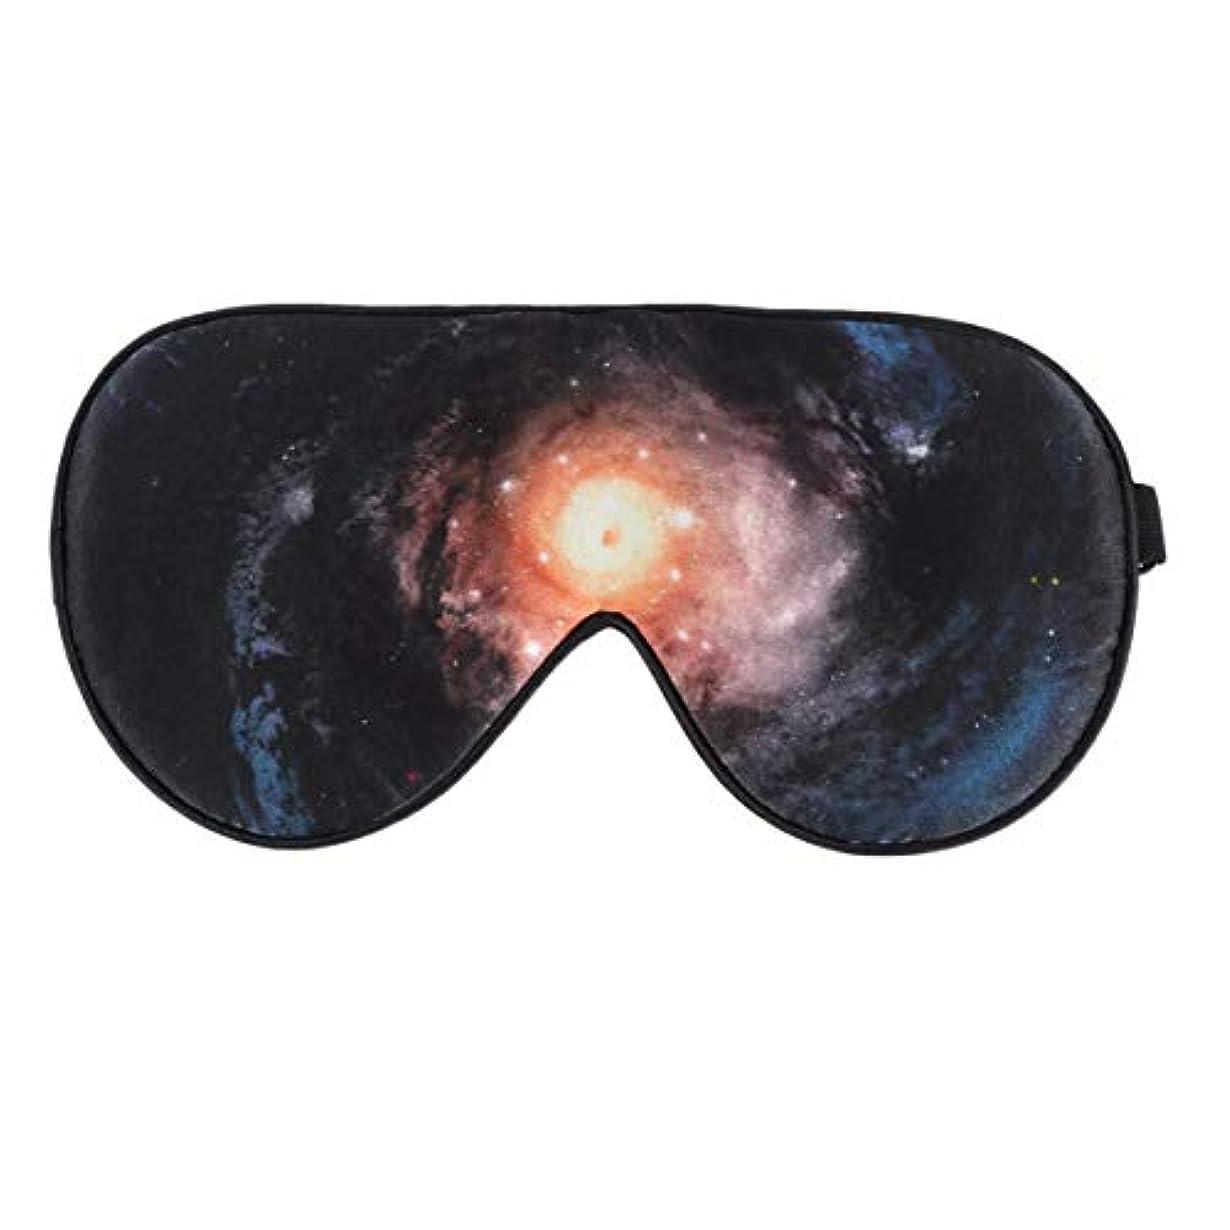 宿る提案はちみつSUPVOX 睡眠マスクシルクアイマスクソフト弾性ストラップ星空パターン睡眠睡眠昼寝旅行用ポータブル